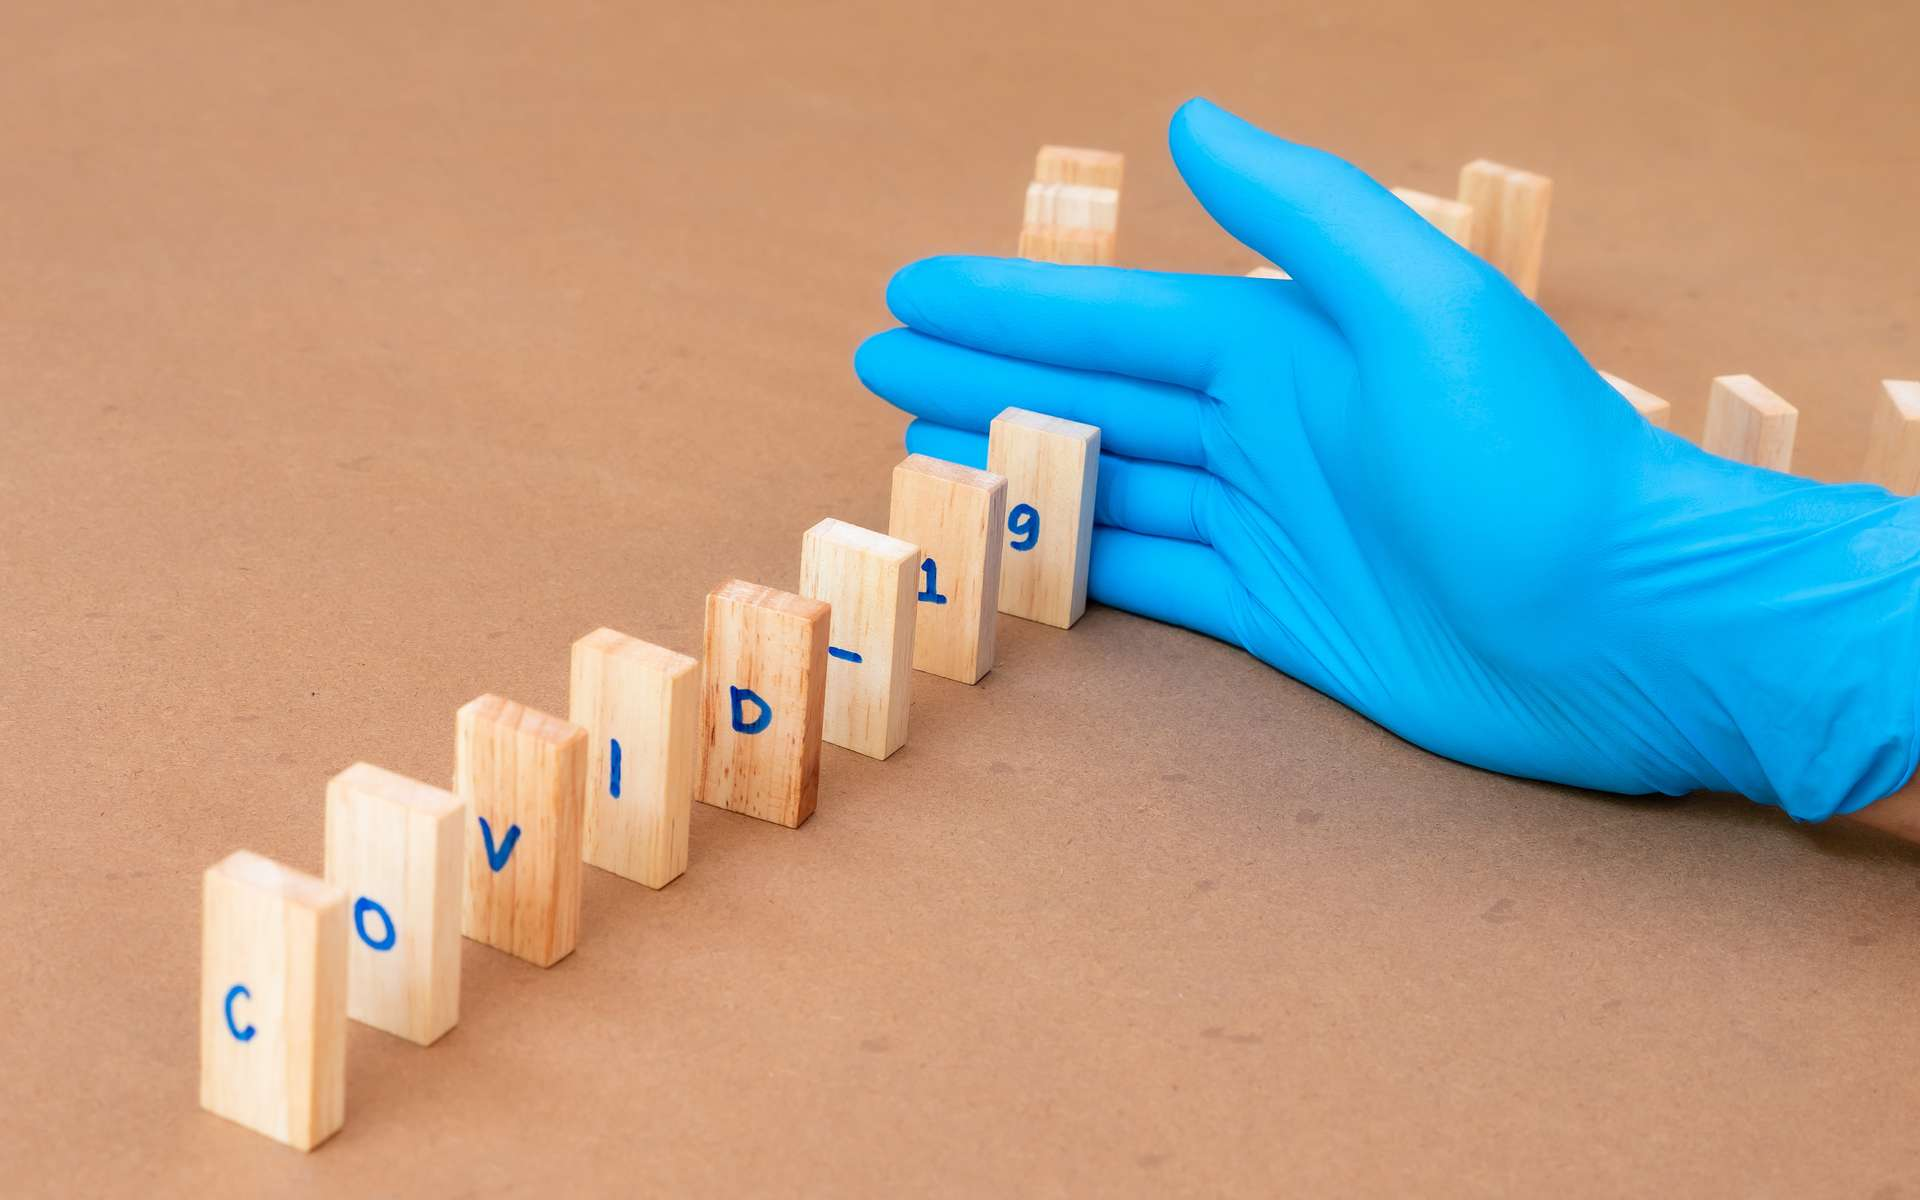 La chloroquine est-elle efficace contre le Covid-19 ? © Khamkula, Adobe Stock